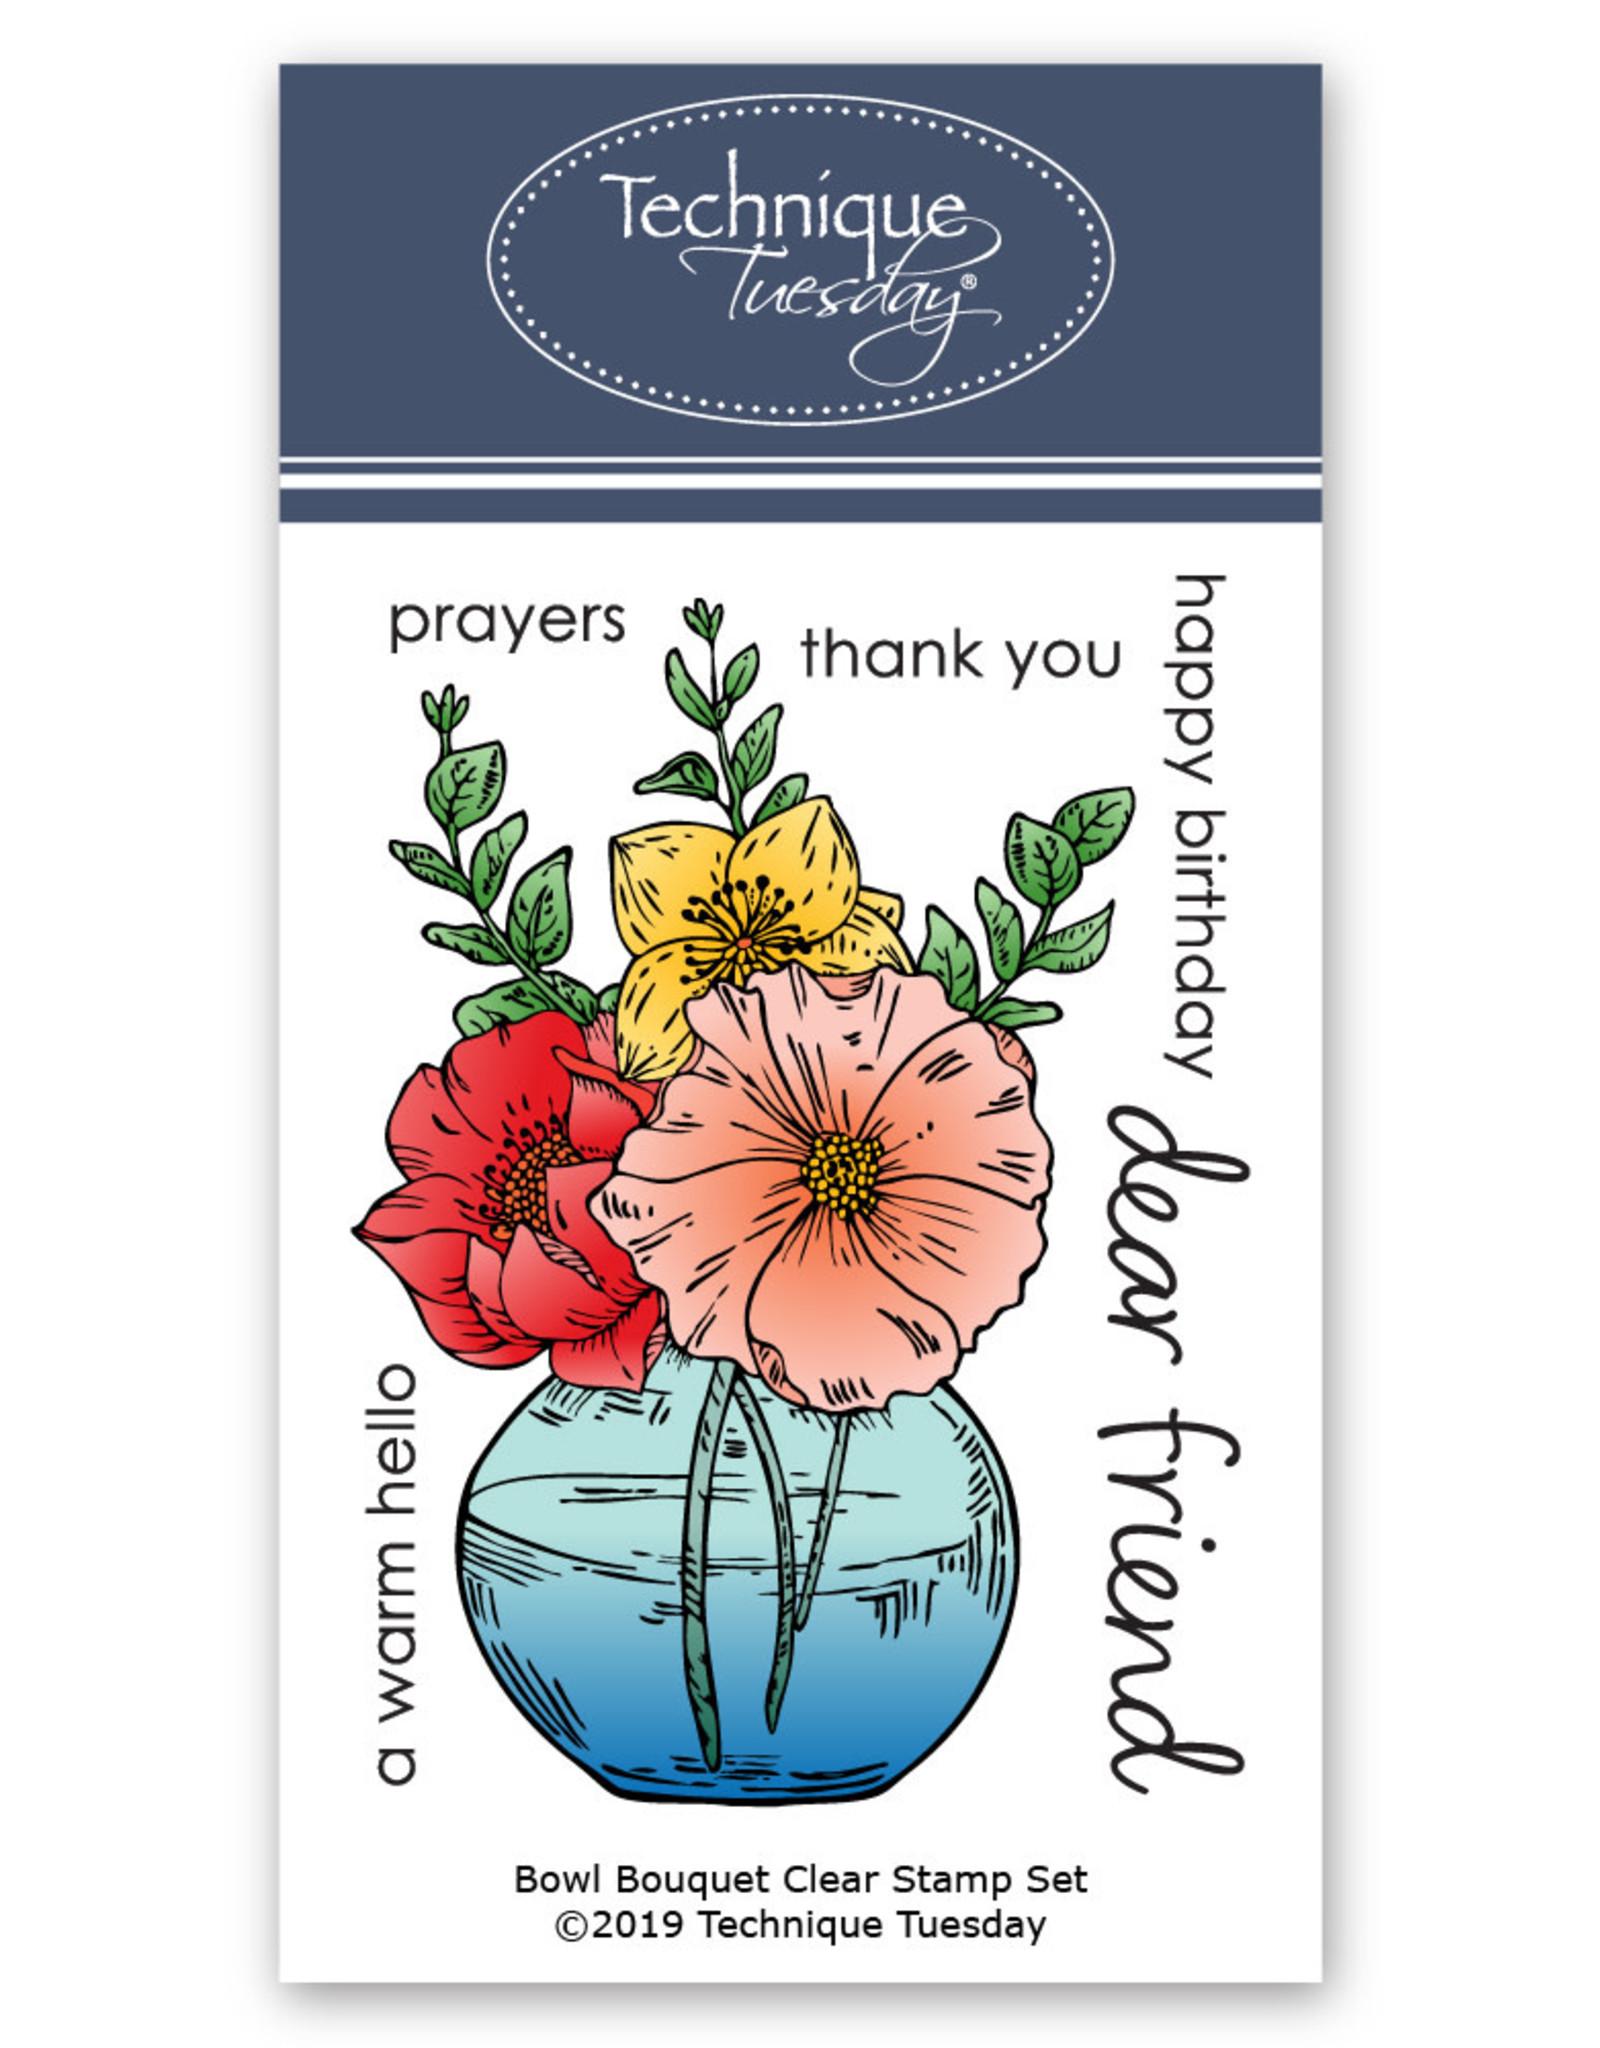 Technique Tuesday Bowl Bouquet (GS) Clear Stamp Set